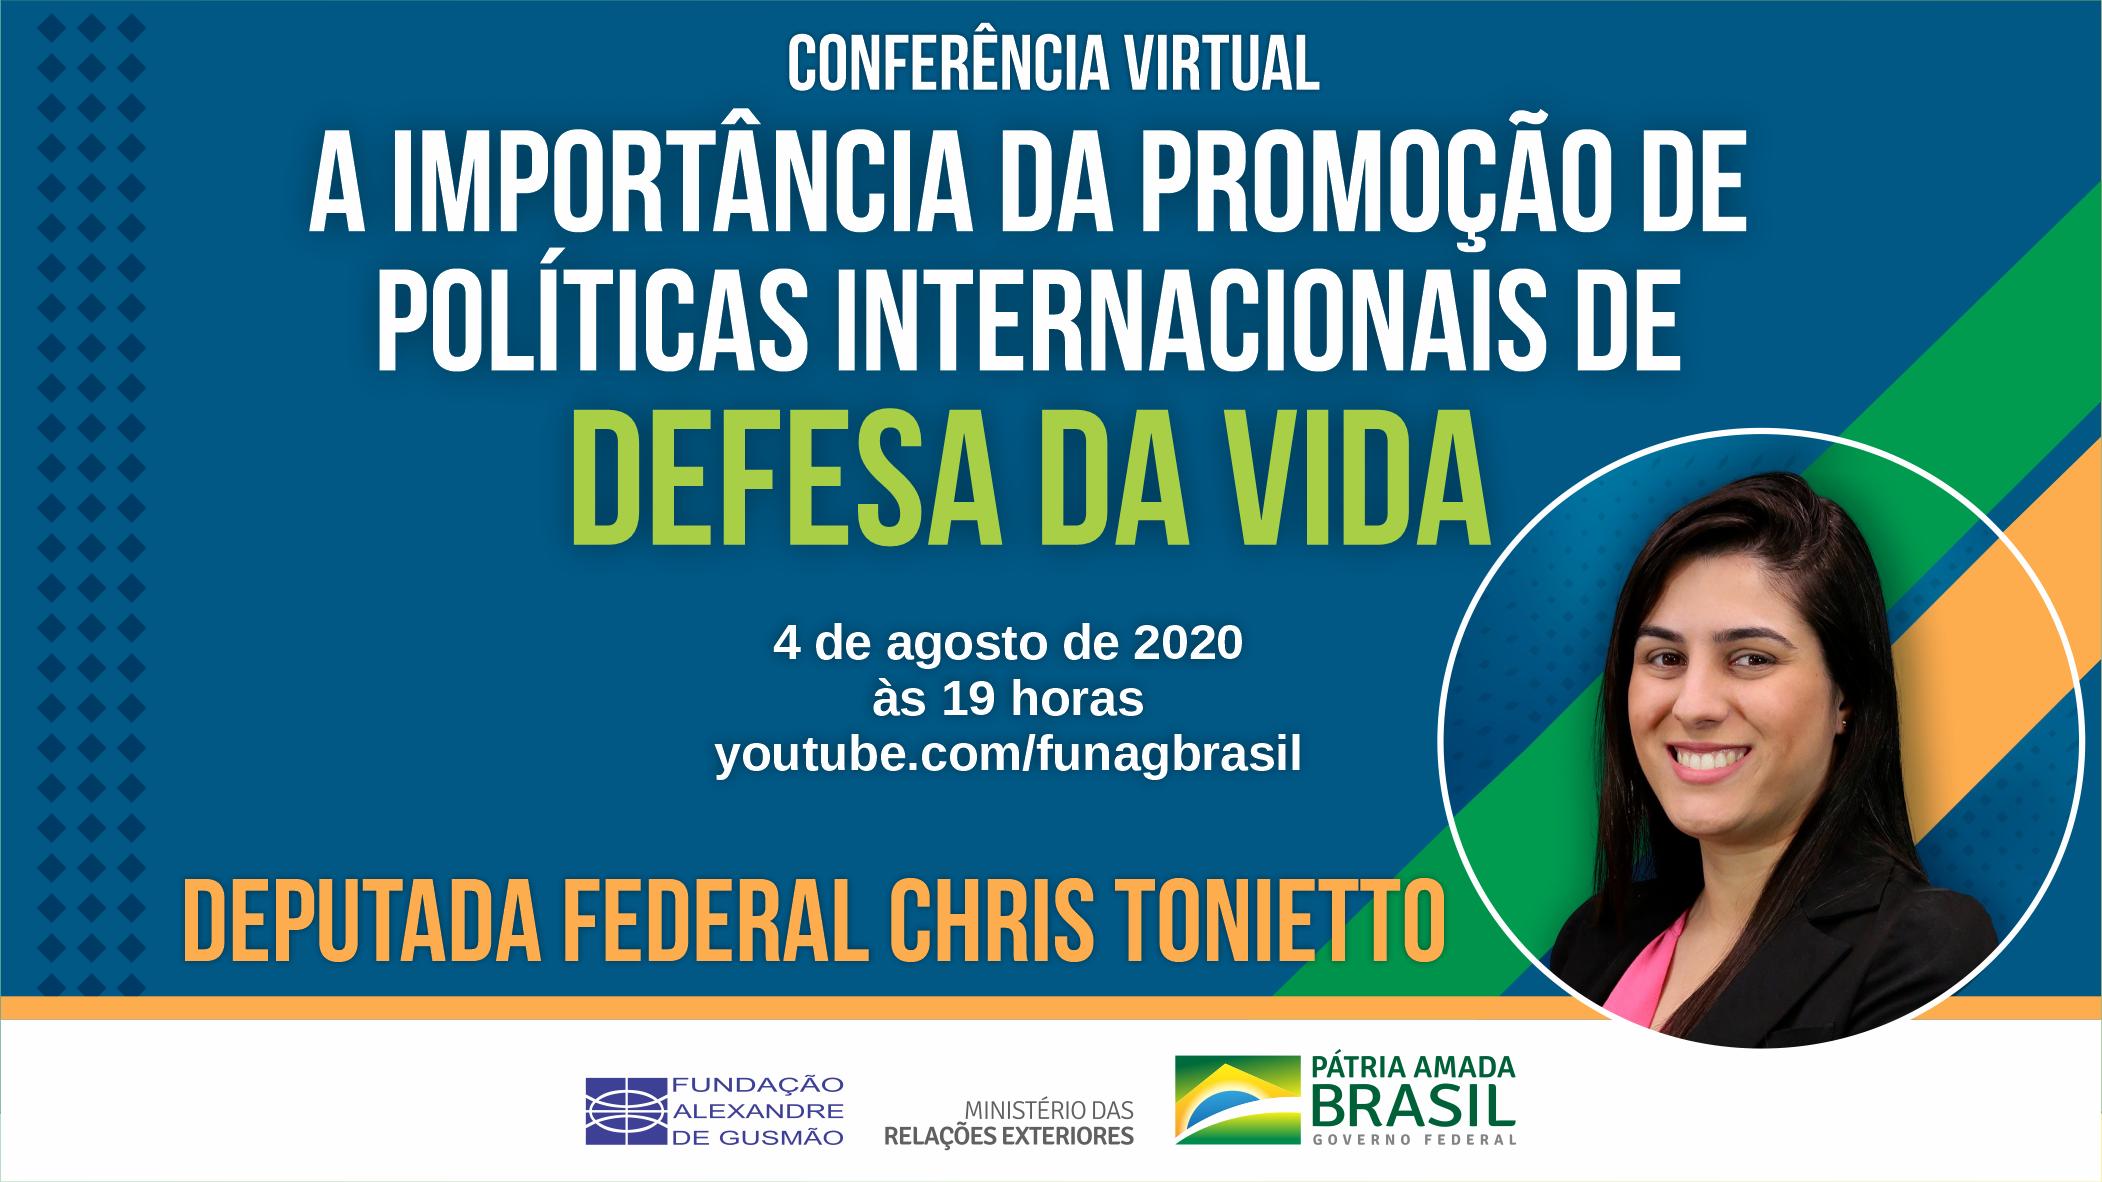 """Conferência """"A importância da promoção de políticas internacionais de defesa da vida"""", com a deputada federal Chris Tonietto"""